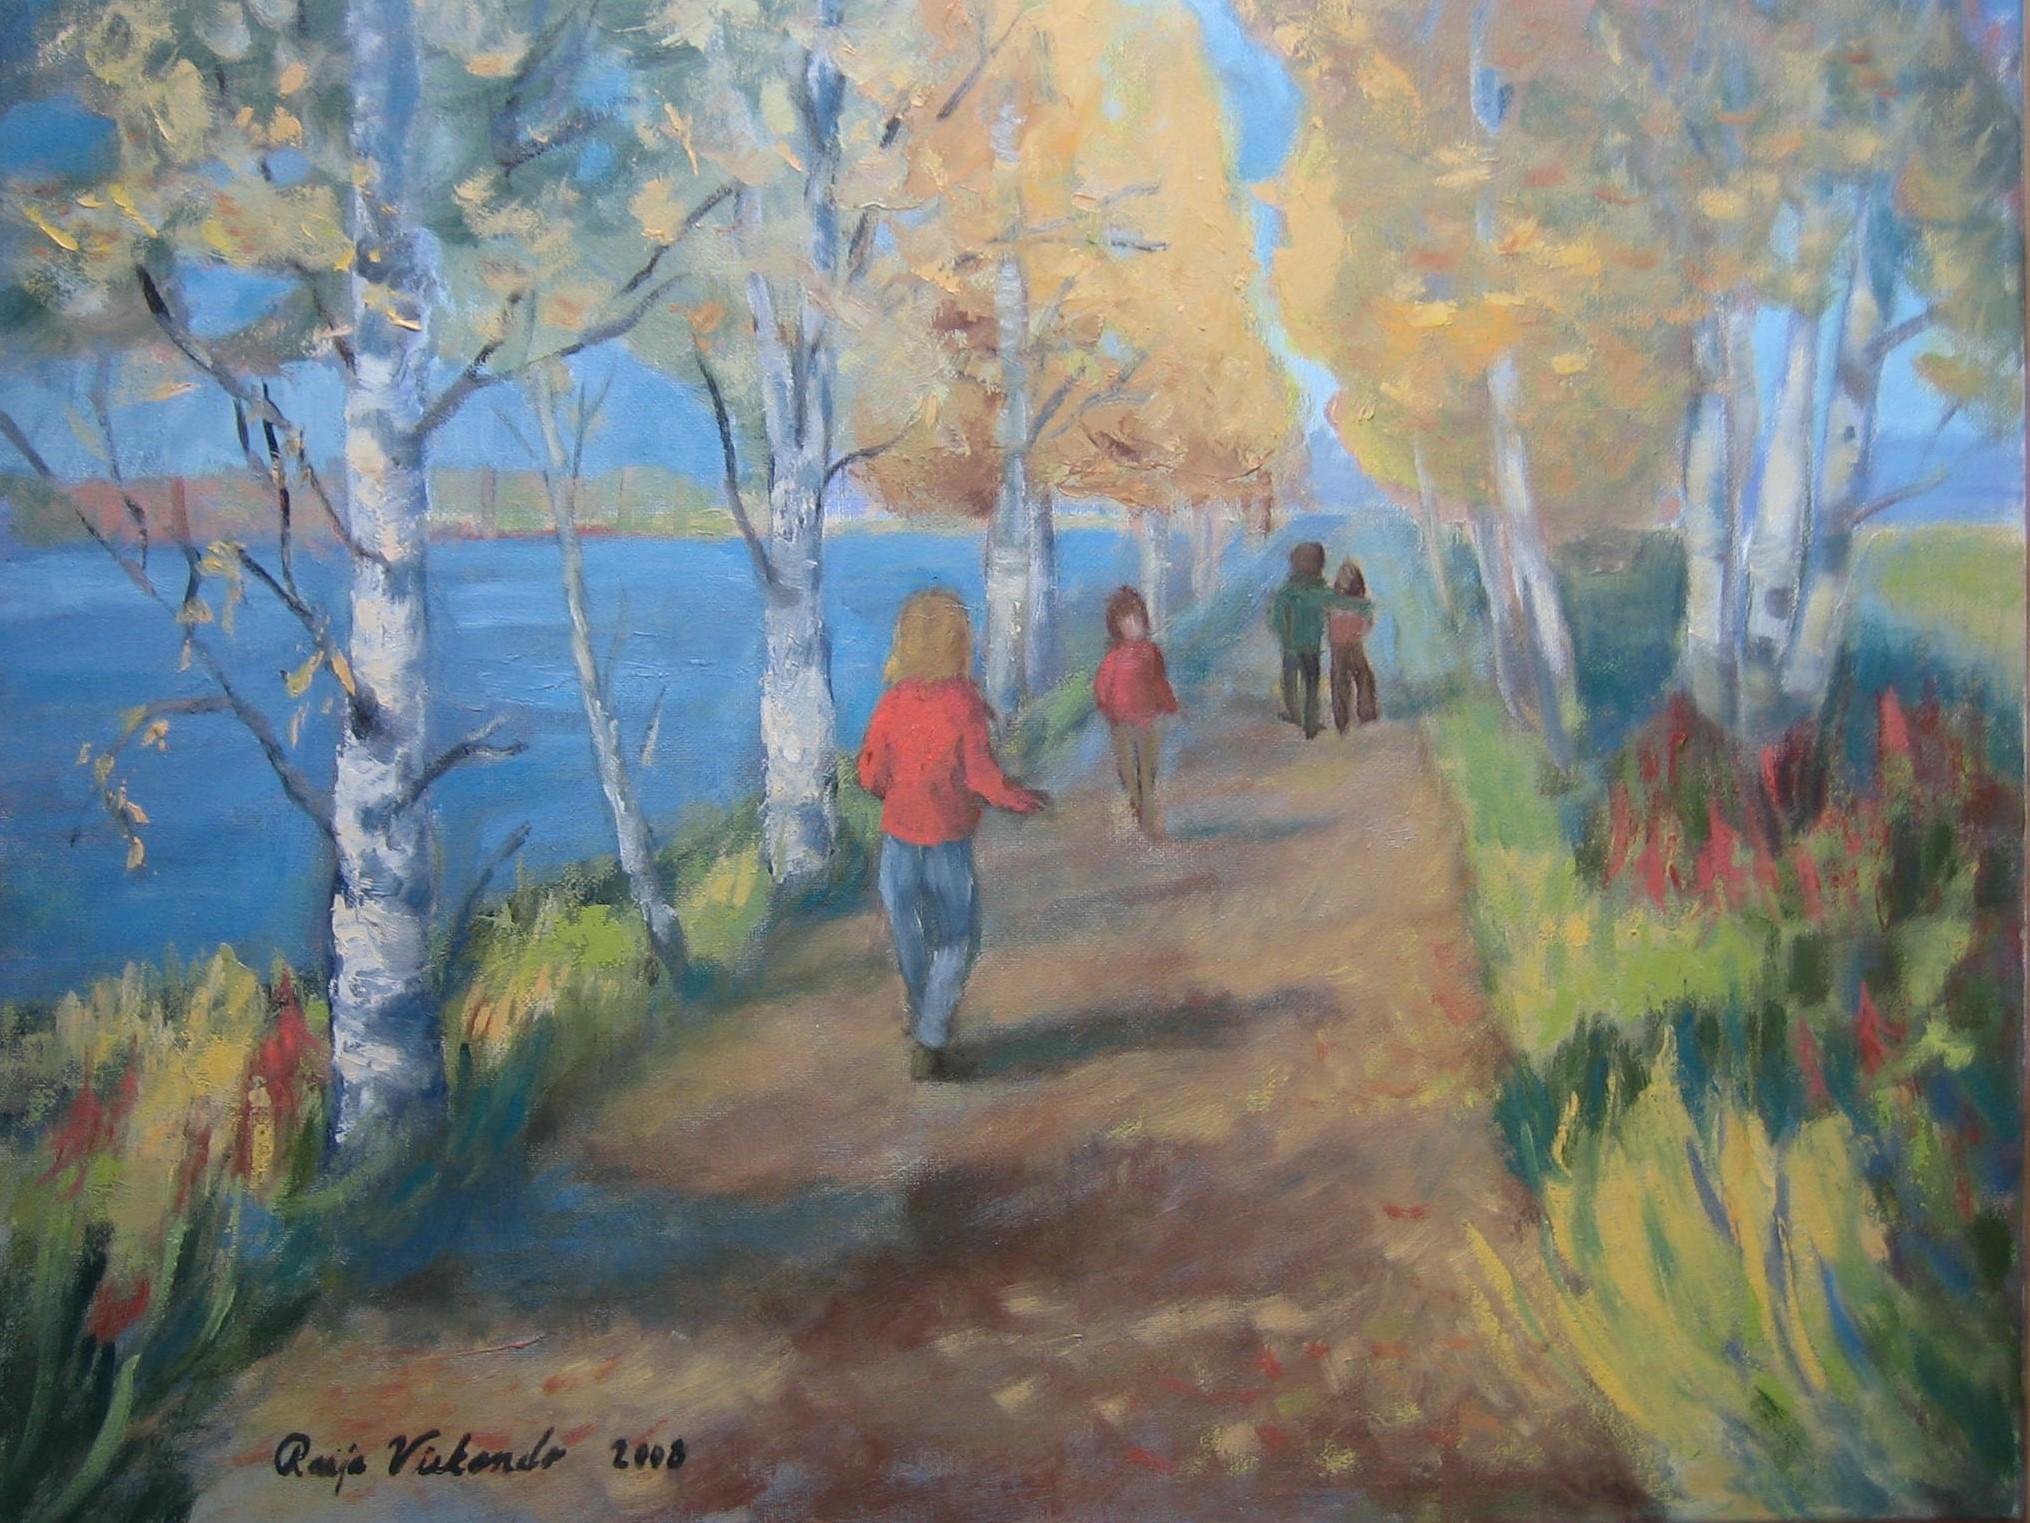 Raija Viekonelo: Iloinen päiväkävely, 2008